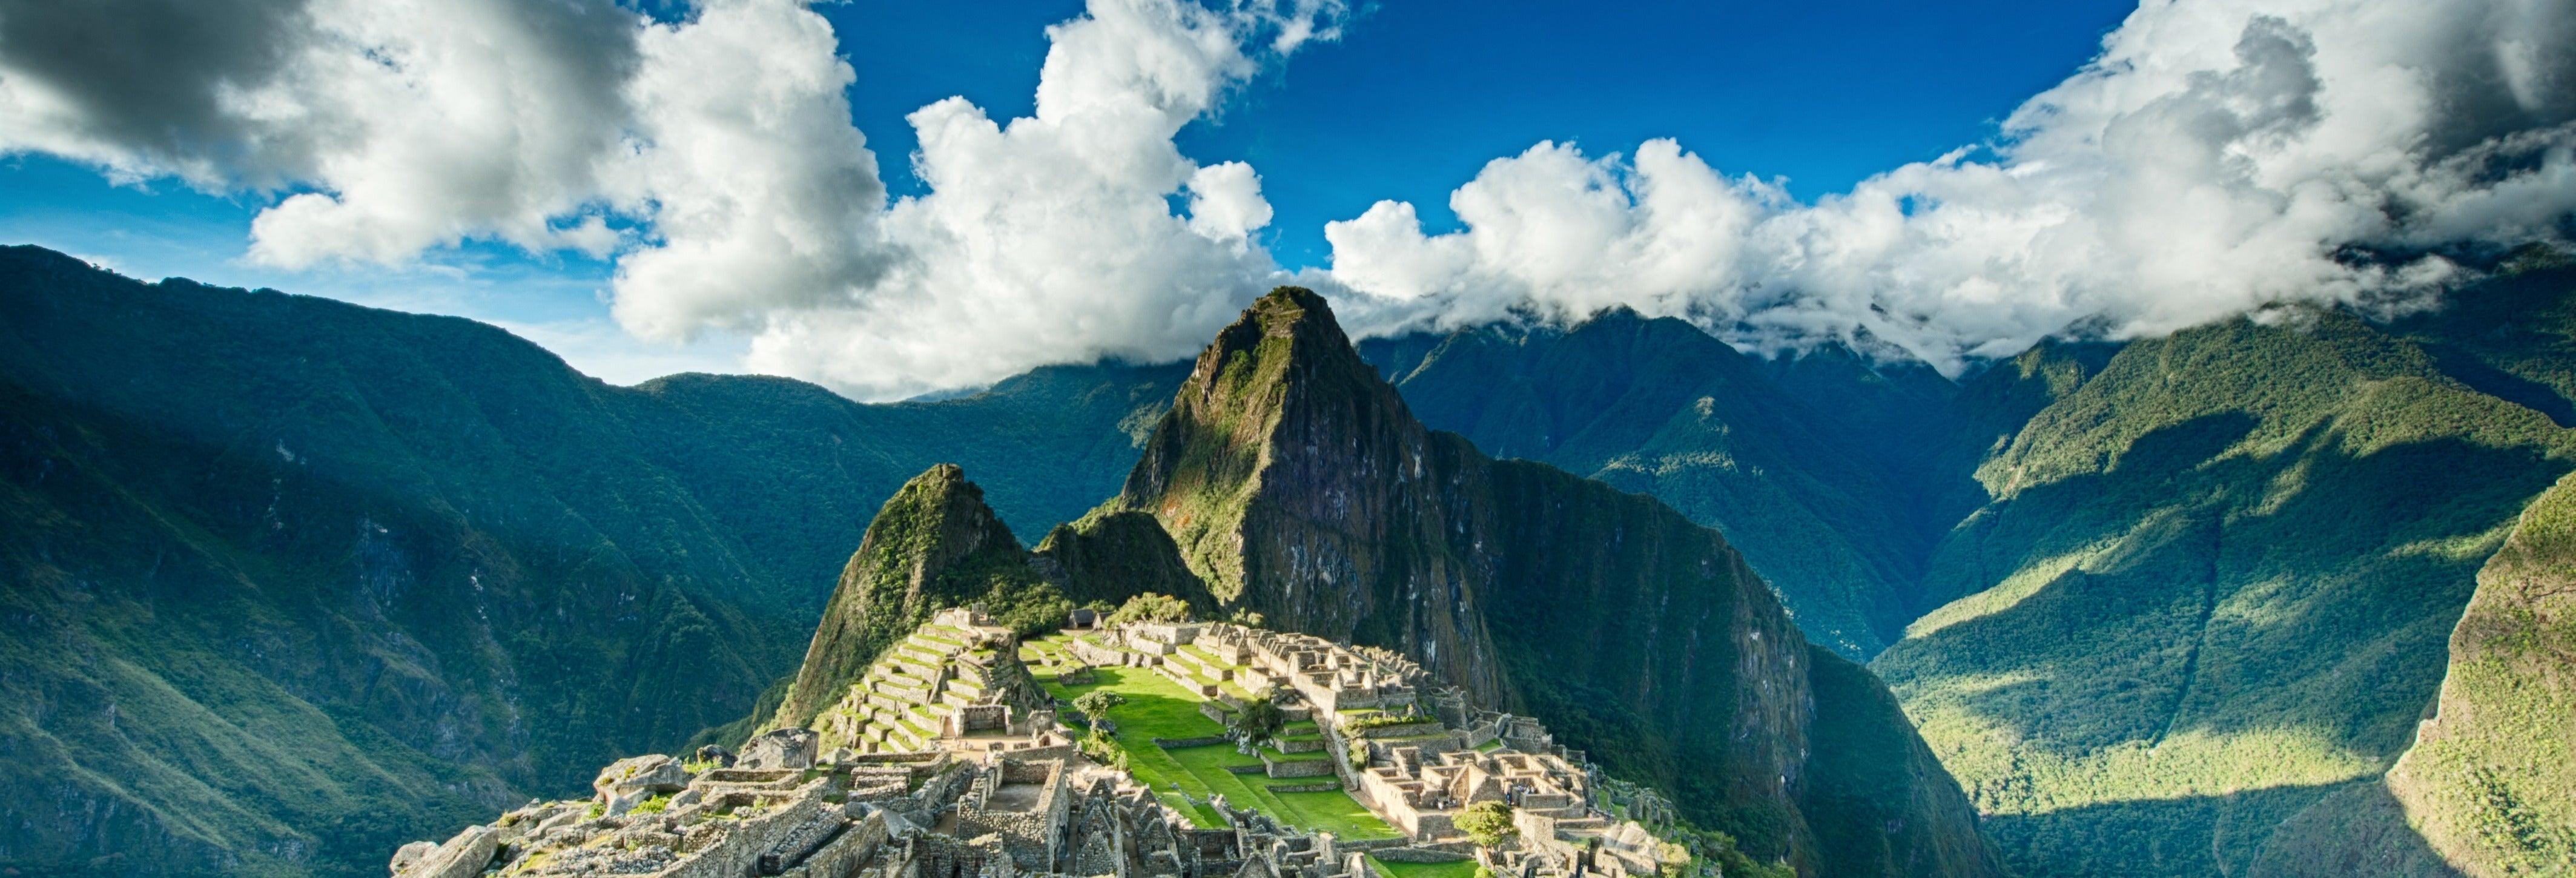 Excursión de 2 días a Machu Picchu por la ruta Abra Málaga